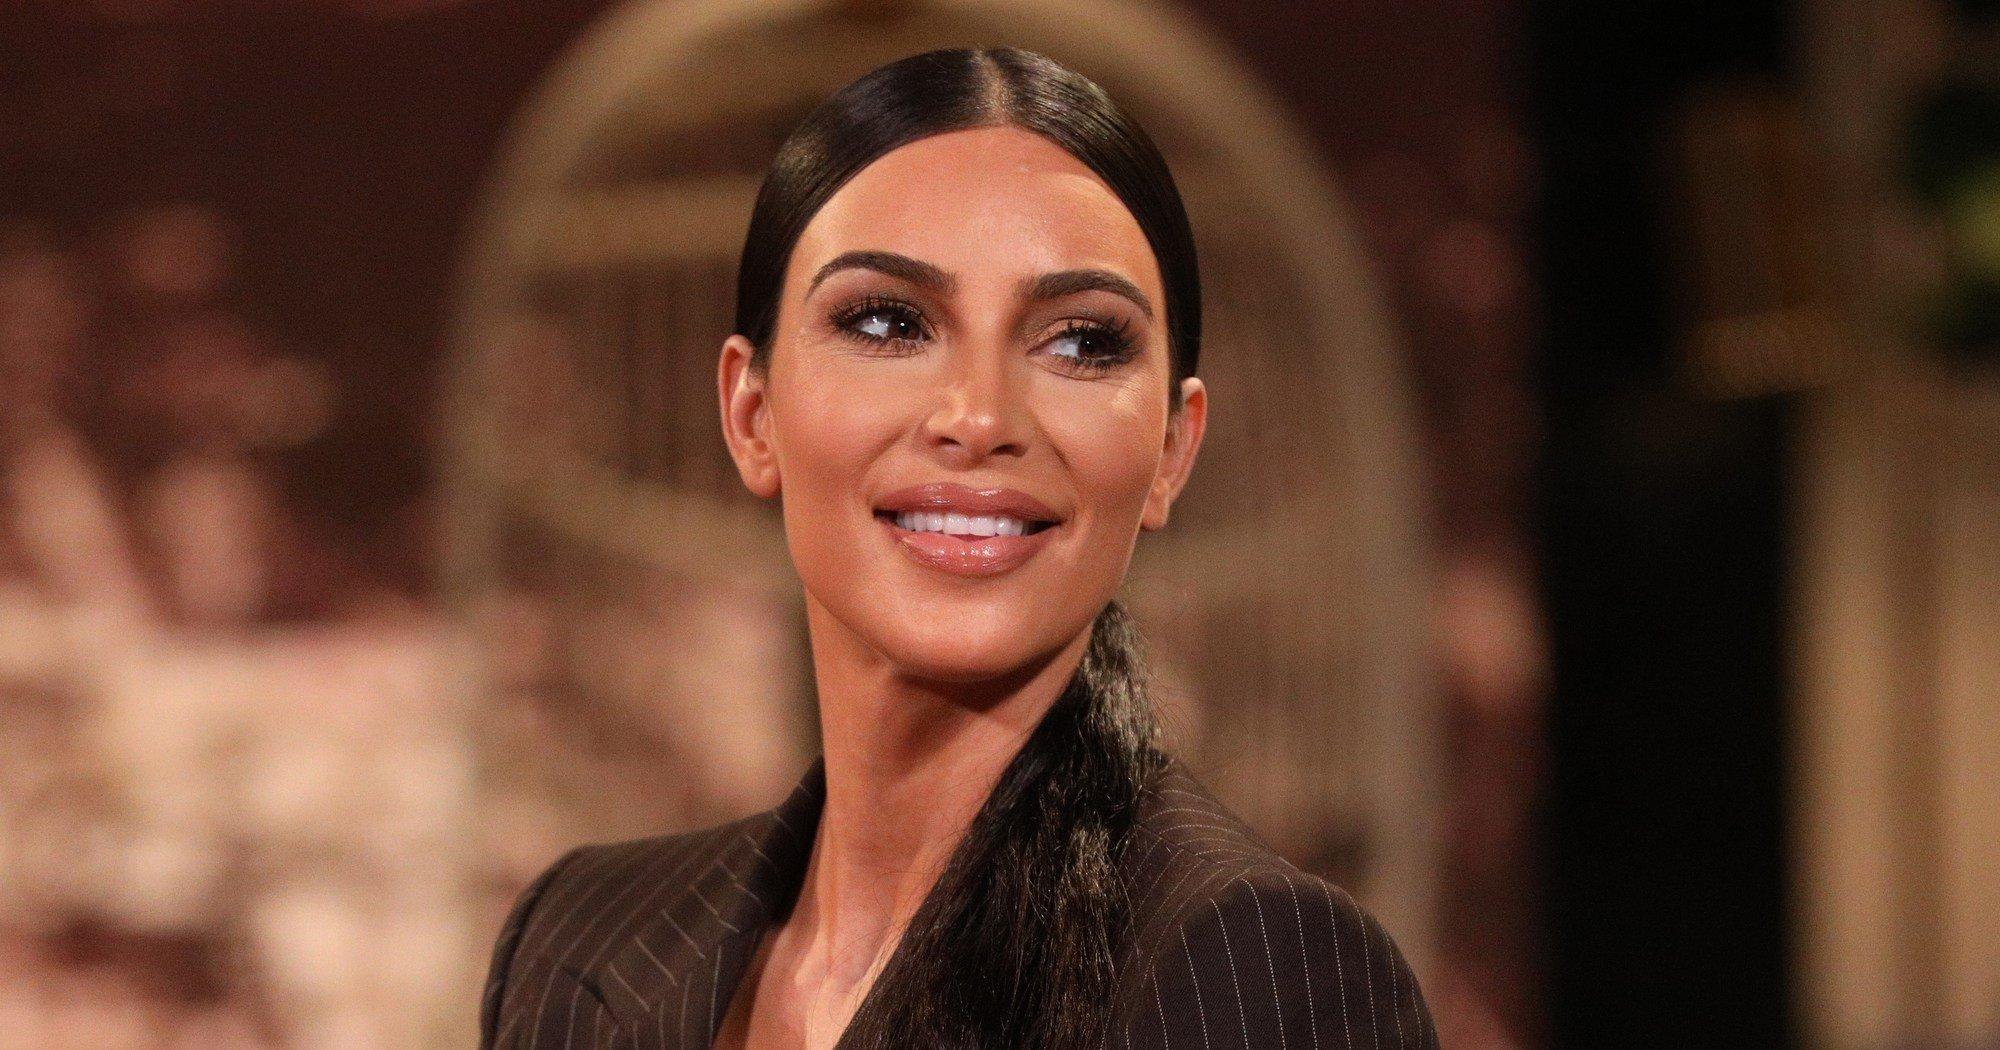 Breakfast Is Served! Kim Kardashian's Kids Prank Her With Gross Meal